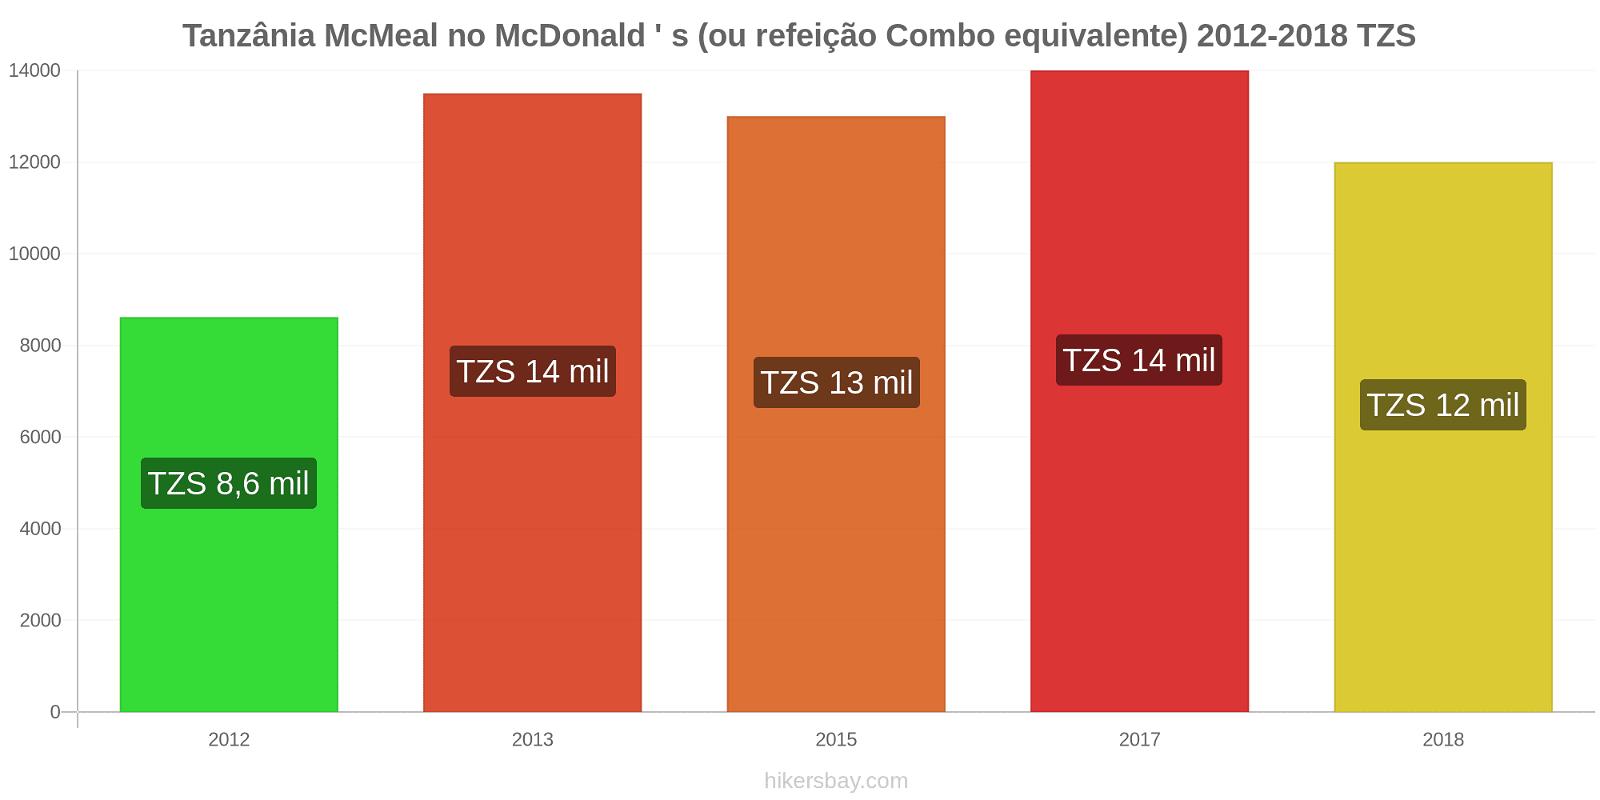 Tanzânia variação de preço McMeal no McDonald ' s (ou refeição Combo equivalente) hikersbay.com